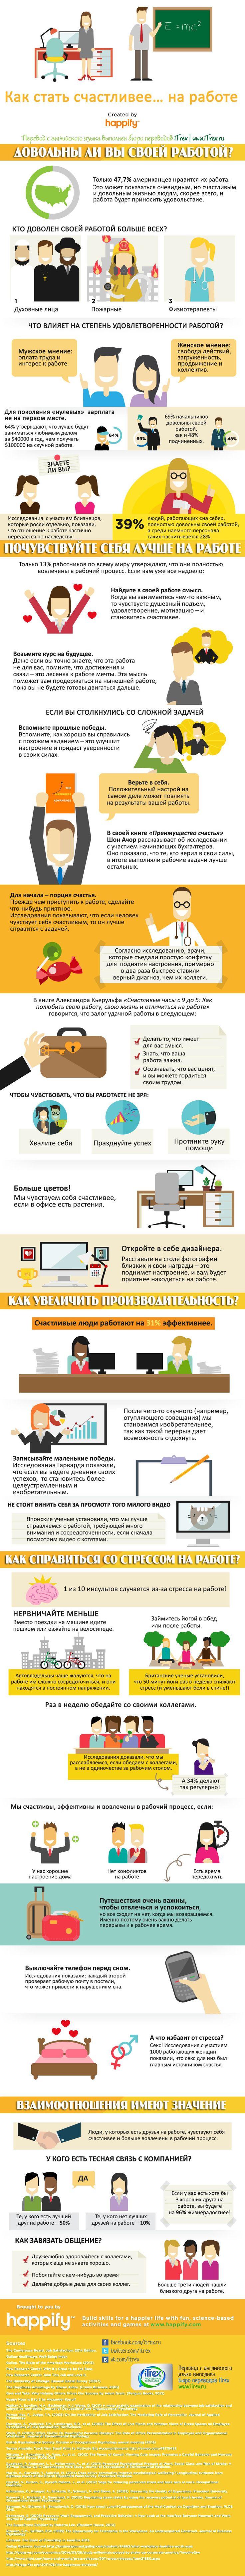 Для начала – порция счастья. Прежде чем приступить к работе, сделайте что-нибудь приятное. Исследования показывают, что если человек чувствует себя счастливым, то он лучше справится с задачей. http://itrex.ru/news/kak-stat-schastlivee-na-rabote